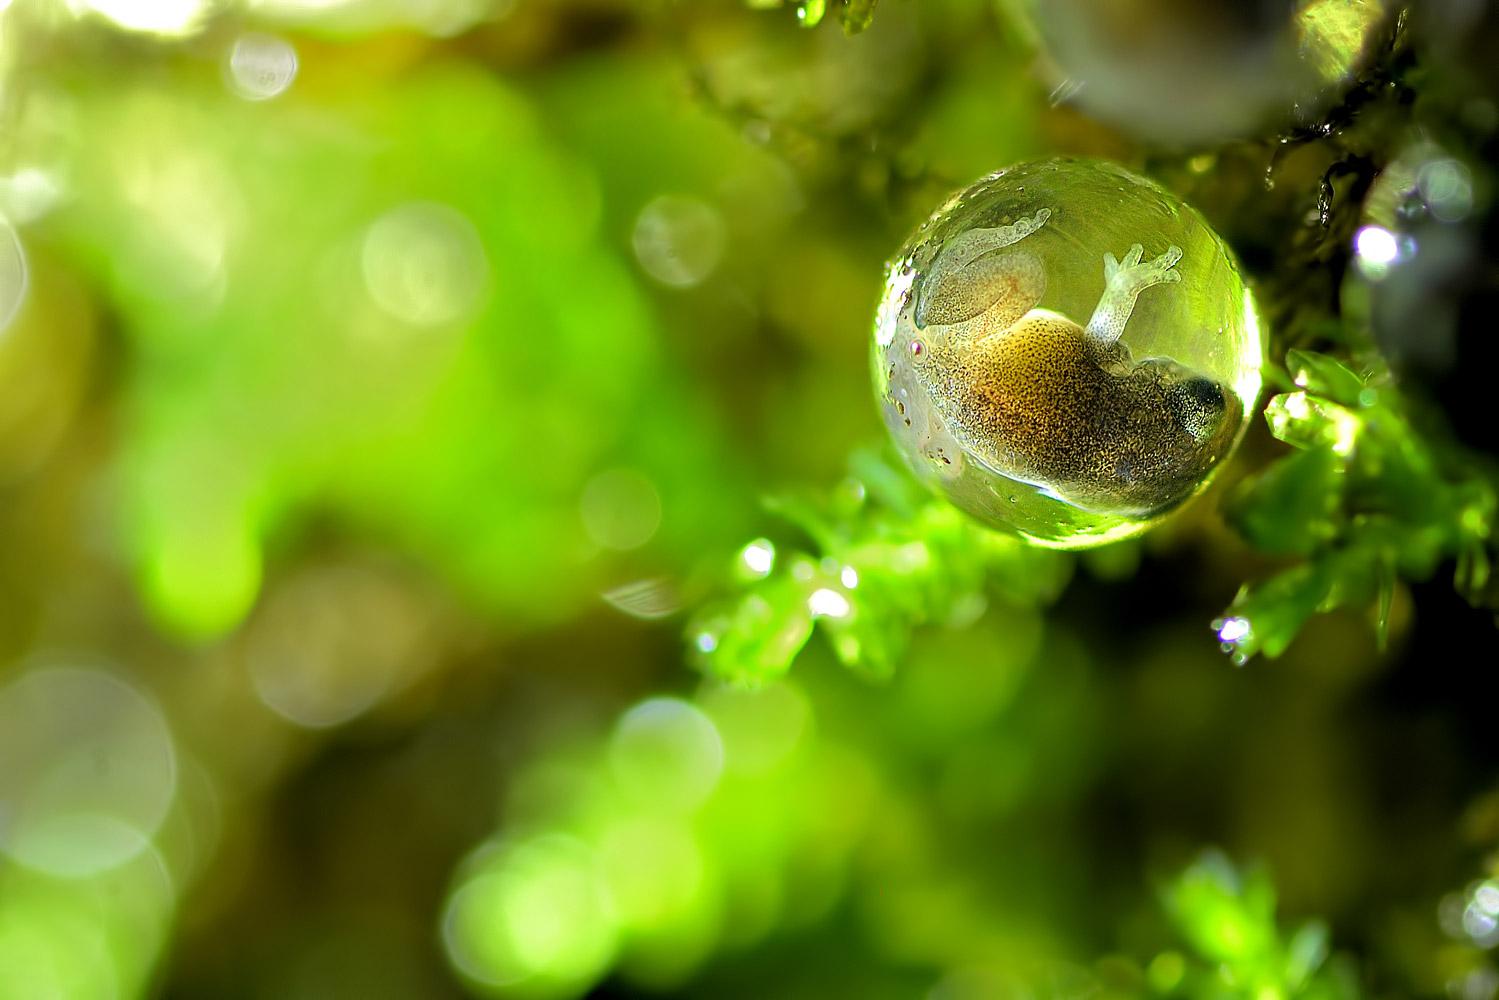 Жизнь в капле, © Анап Деодхар, Фотоконкурс «Узоры в природе»